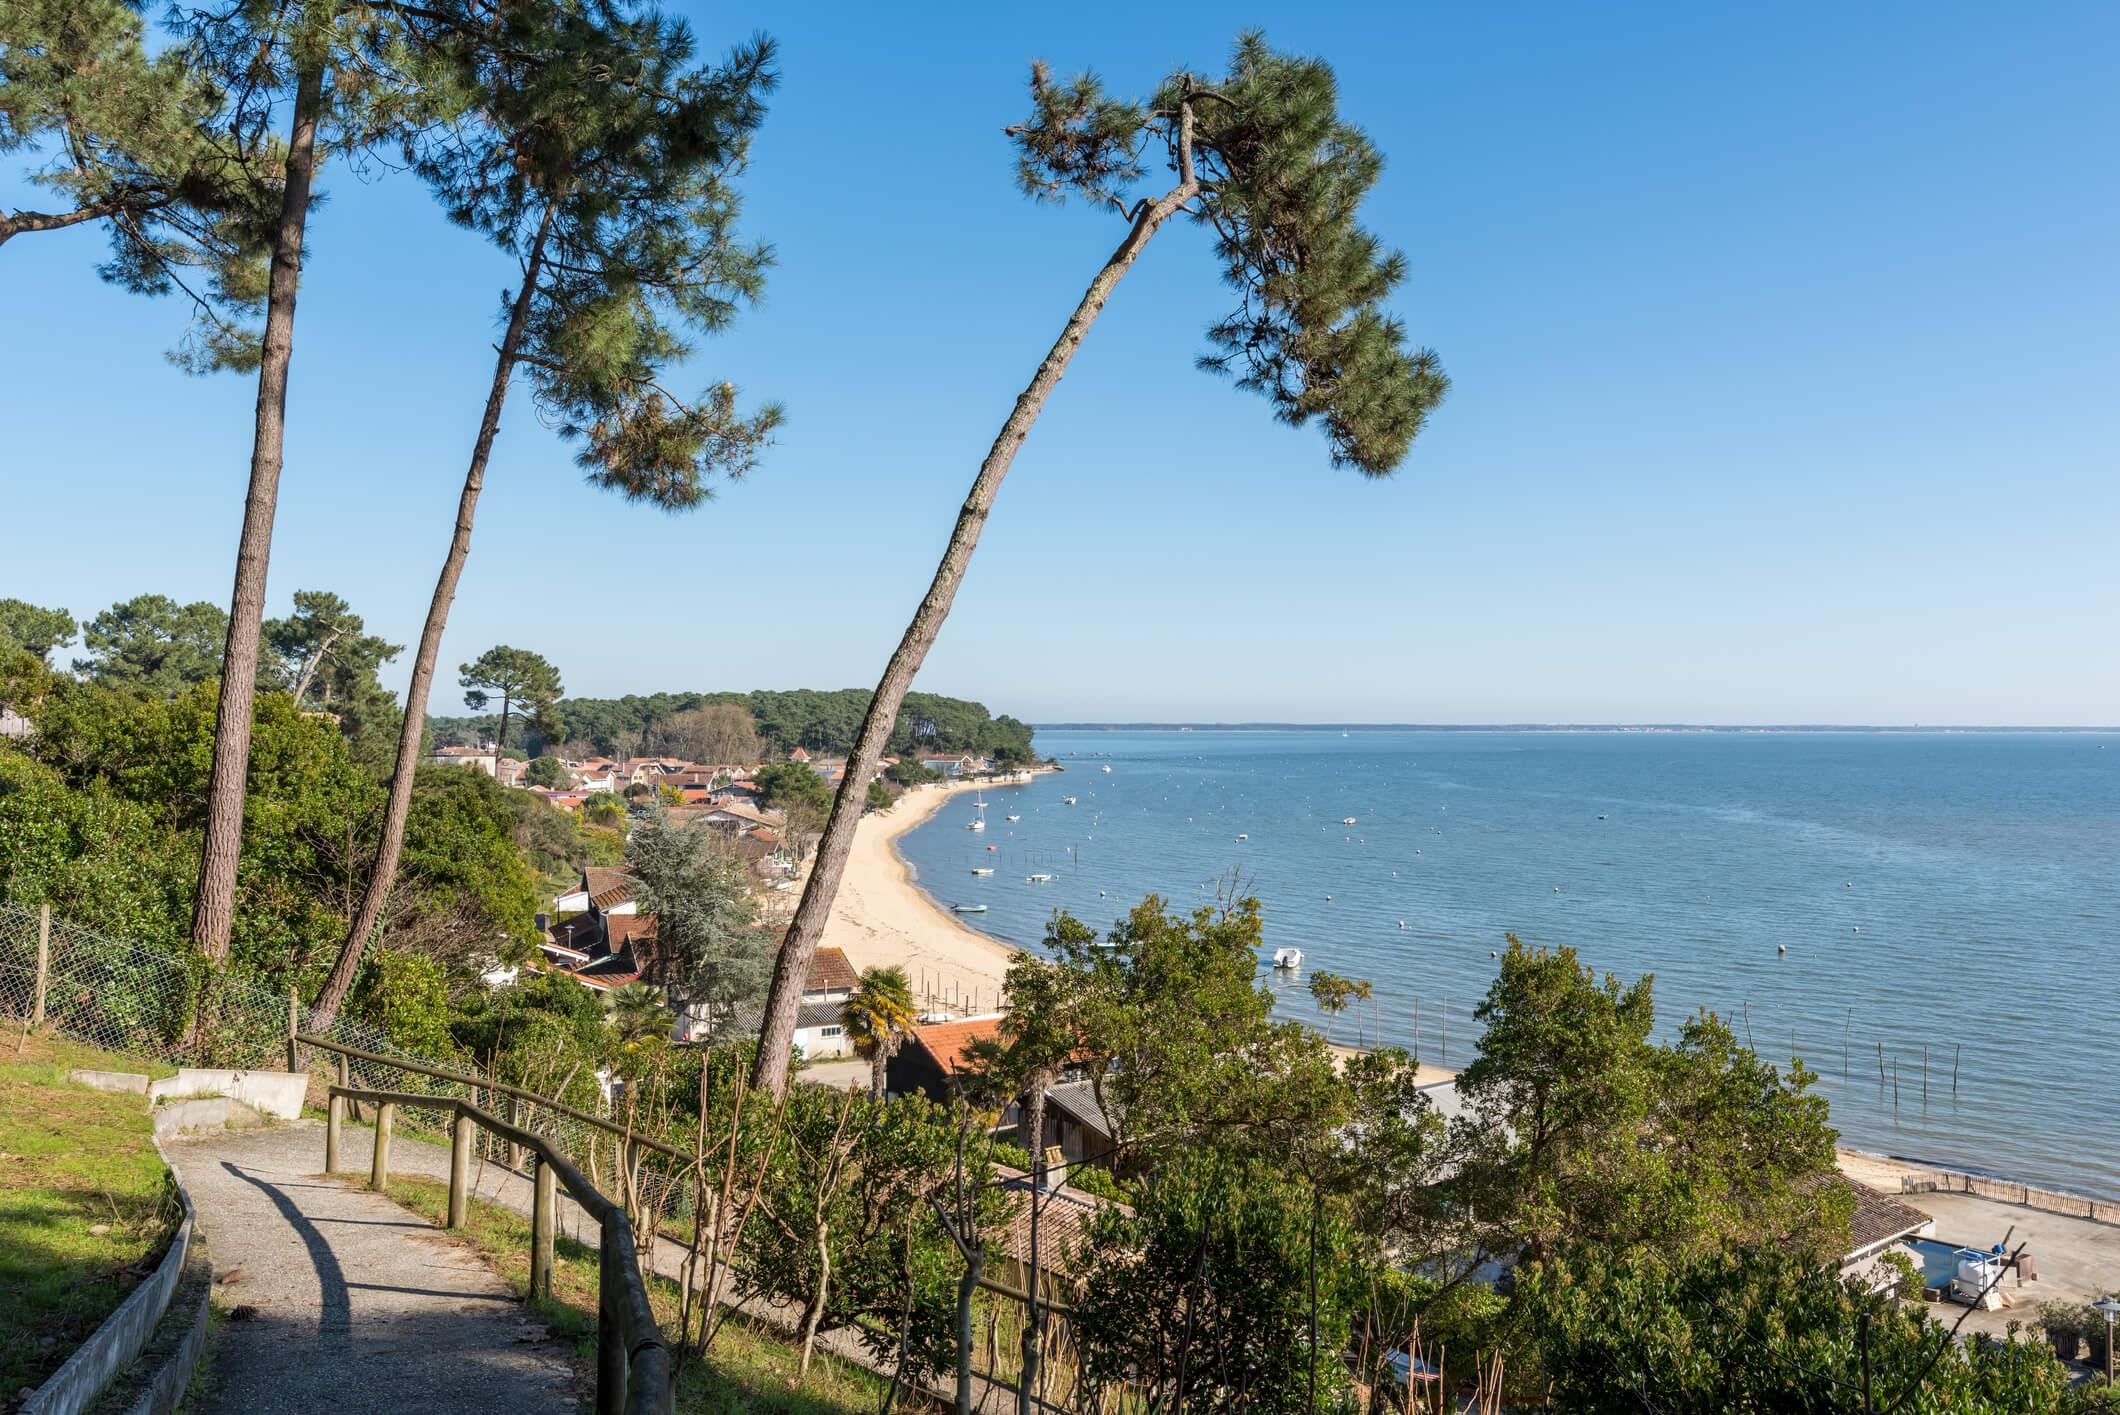 Location de vacances au Cap Ferret